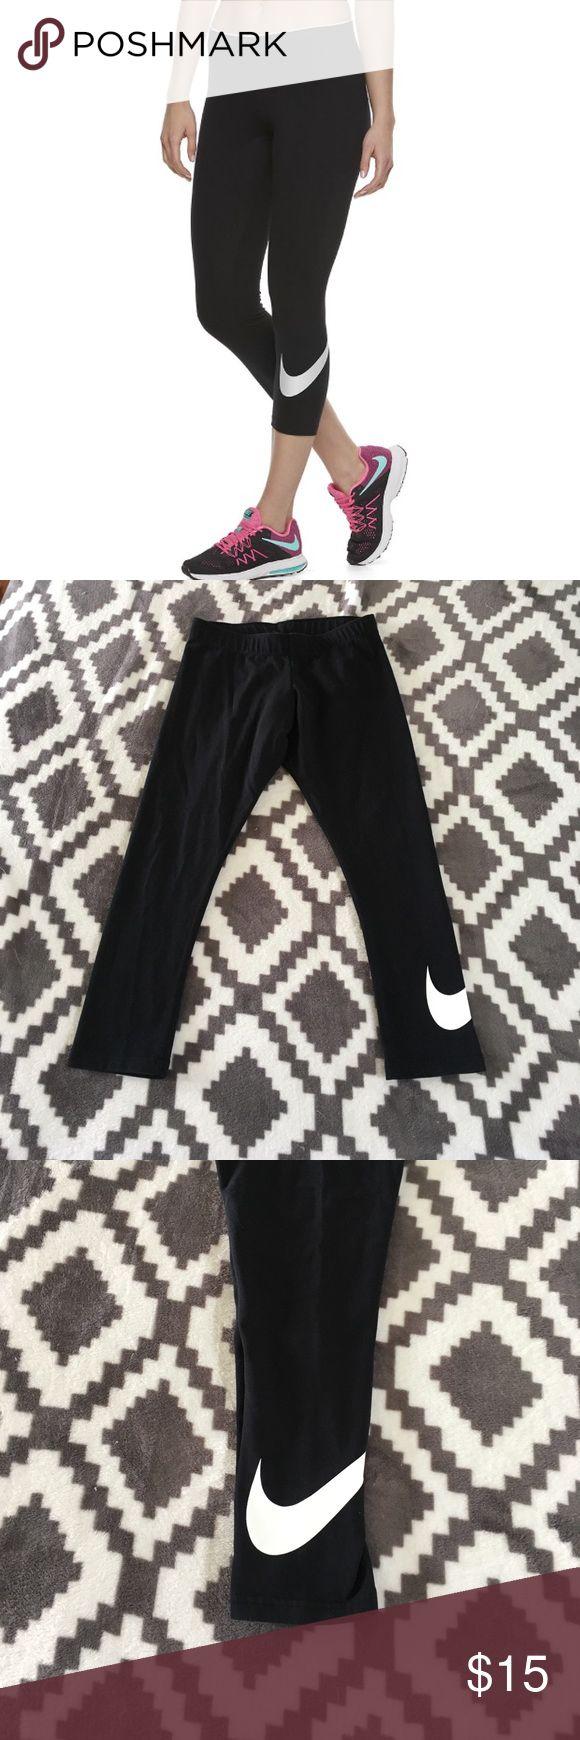 """Nike Swoosh Graphic Capri Leggings Screen-printed Nike Swoosh logo at left calf Elastic waistband for flexible movement, 22"""" inseam in great shape size M Nike Pants Leggings"""